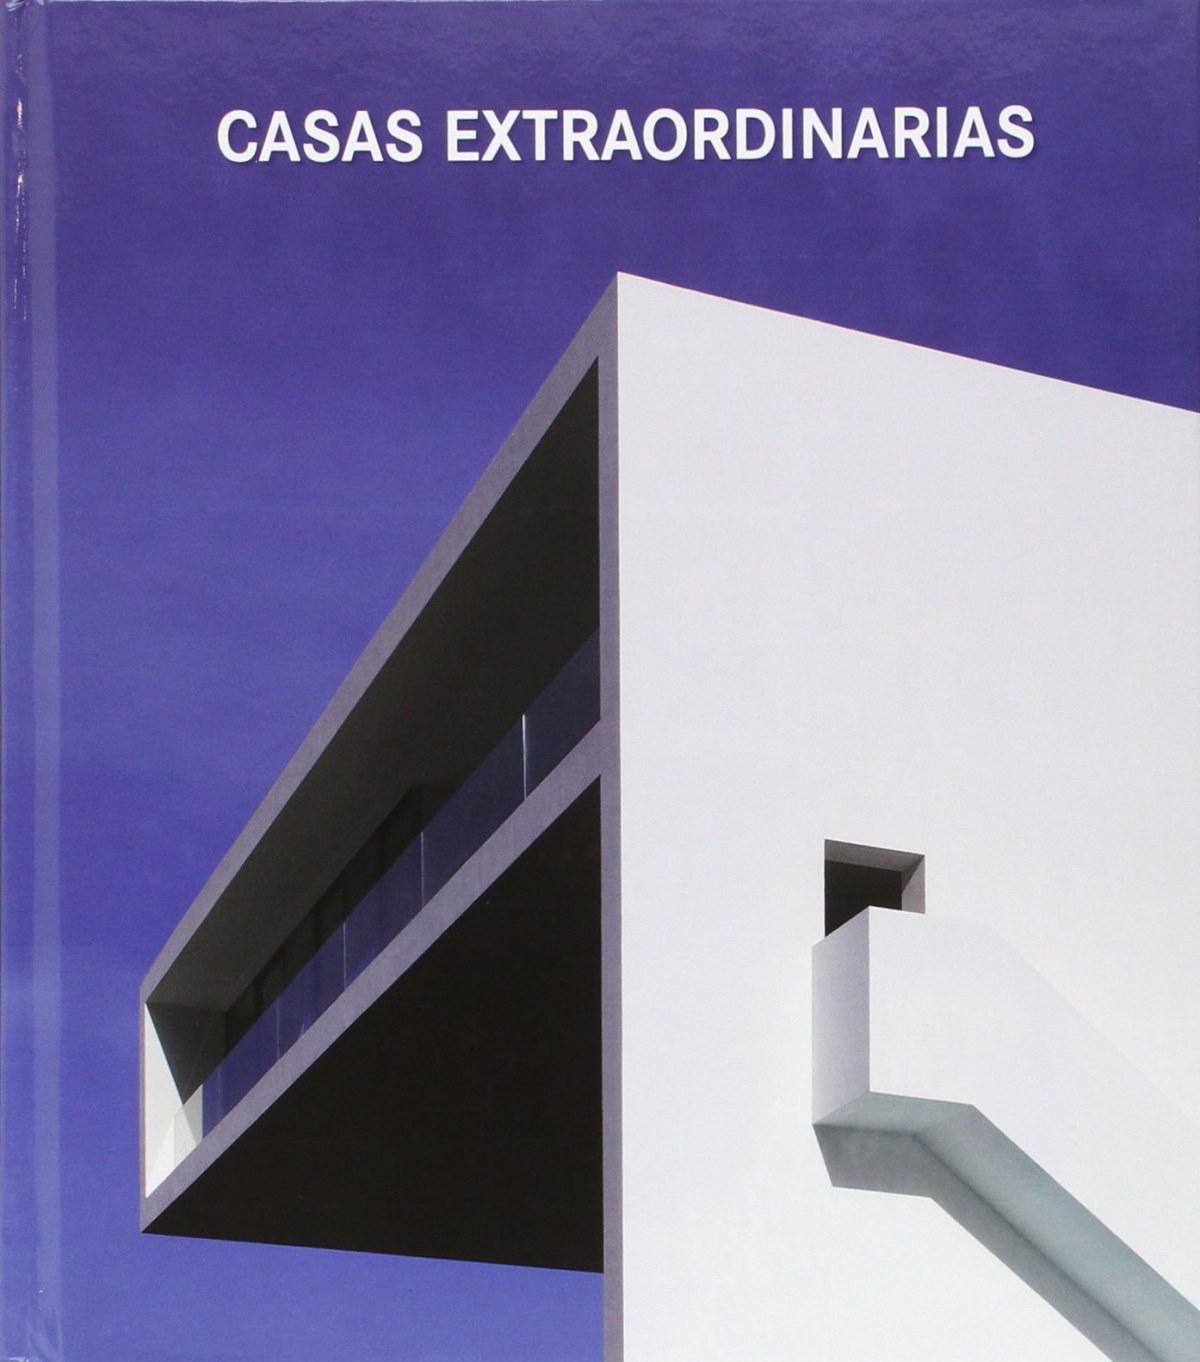 Casas extraordinarias 9783864075438